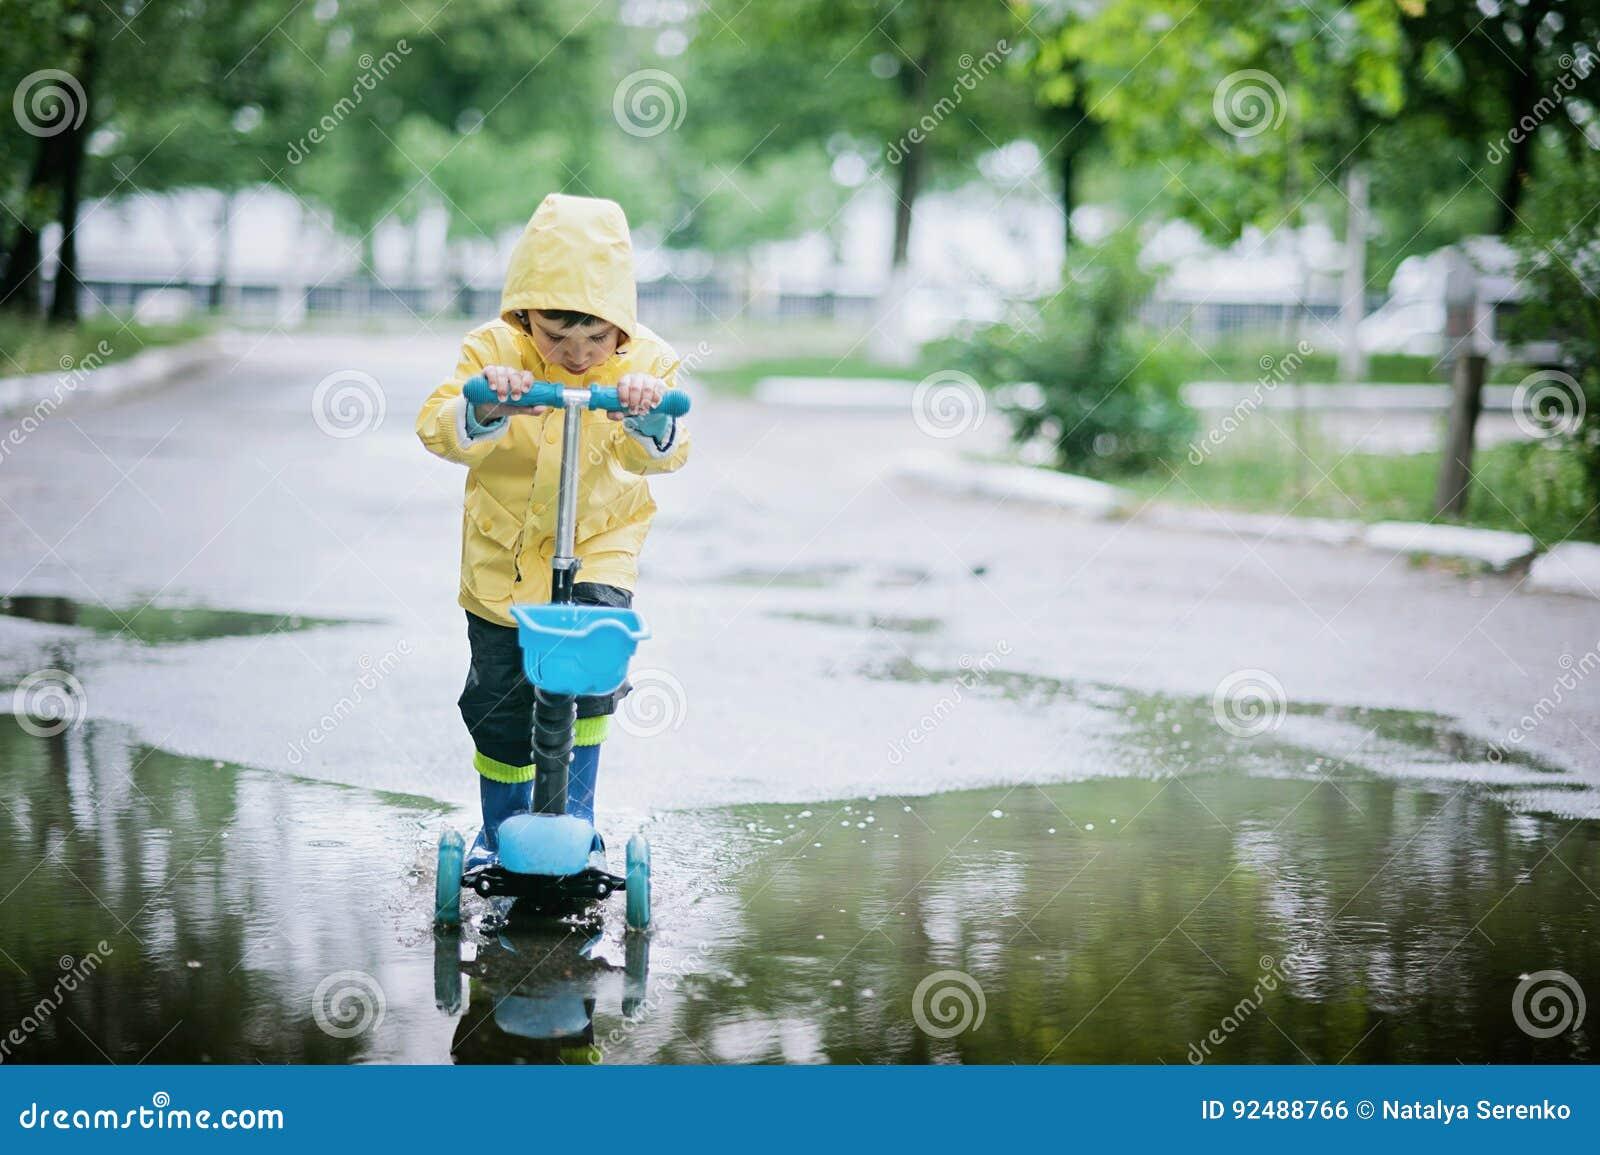 El niño feliz en un impermeable amarillo monta una vespa a través del charco